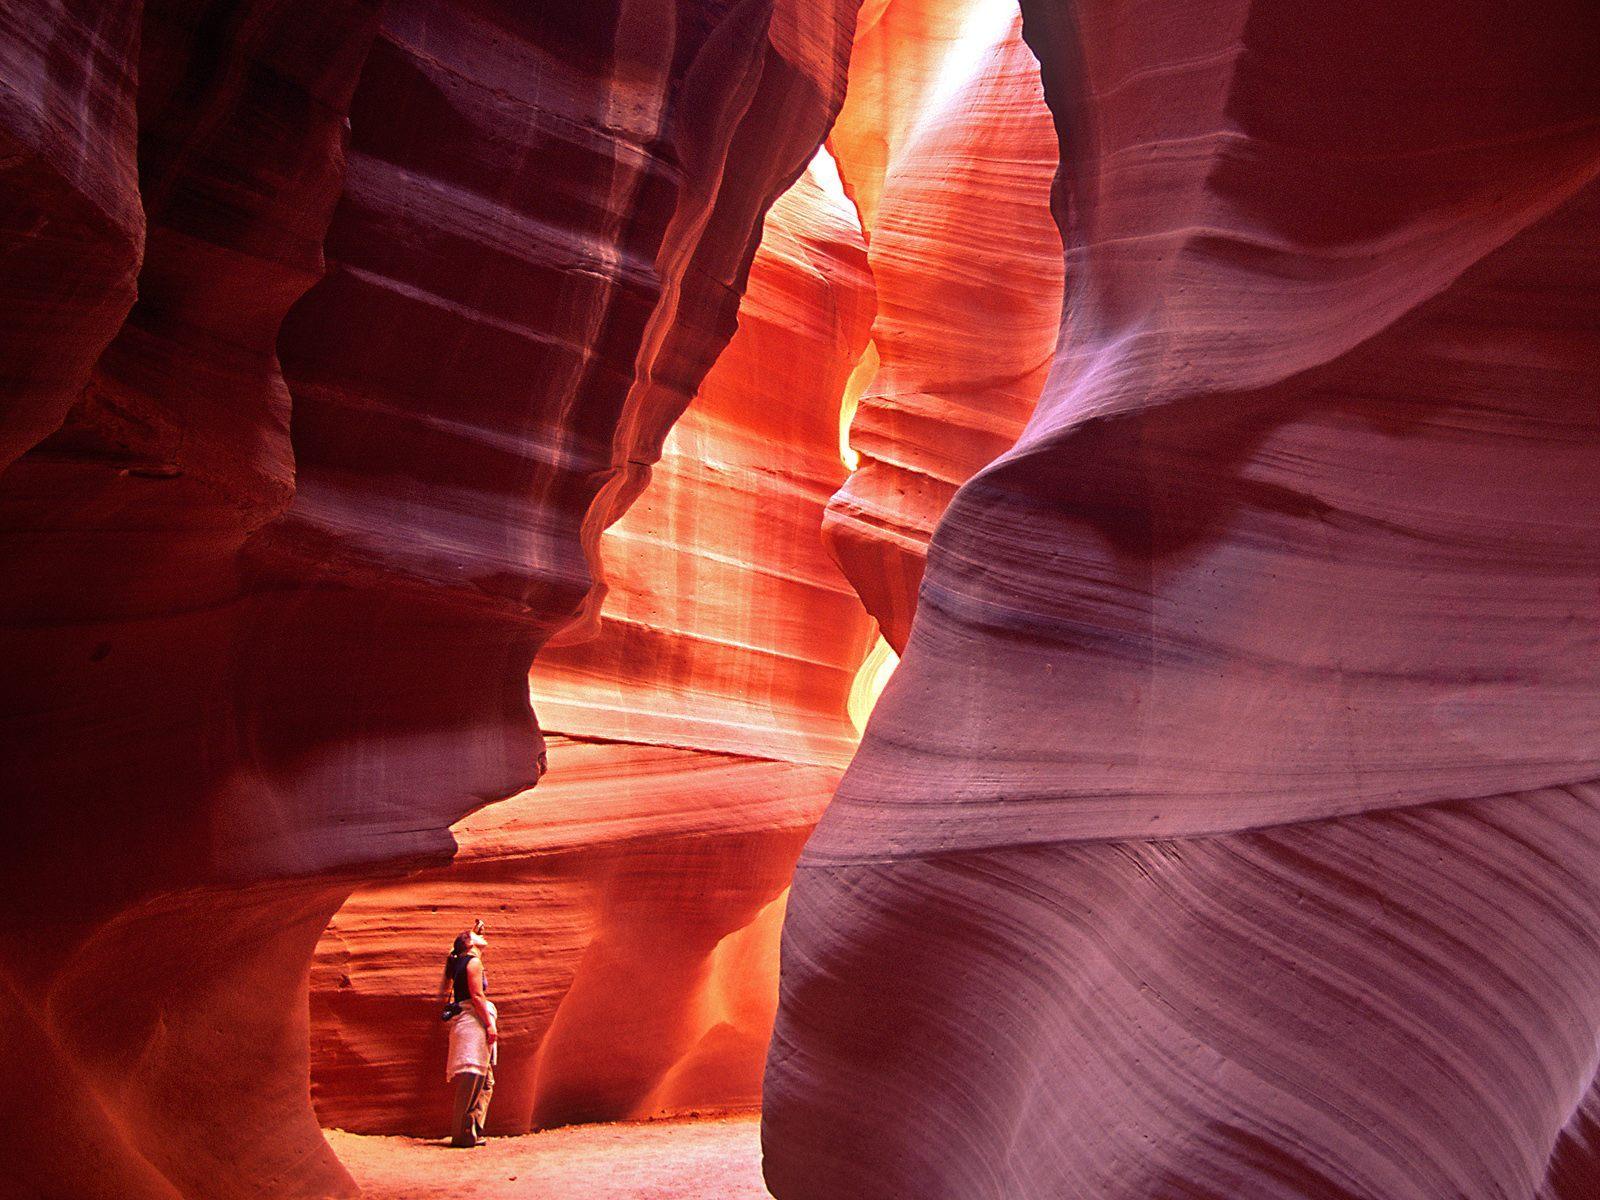 http://1.bp.blogspot.com/-LbkO6i1SFtU/T7ZQ6tsAmKI/AAAAAAAAB9U/Gopoe2YDczg/s1600/antelope-canyon-wallpapers_13254_1600x1200.jpg